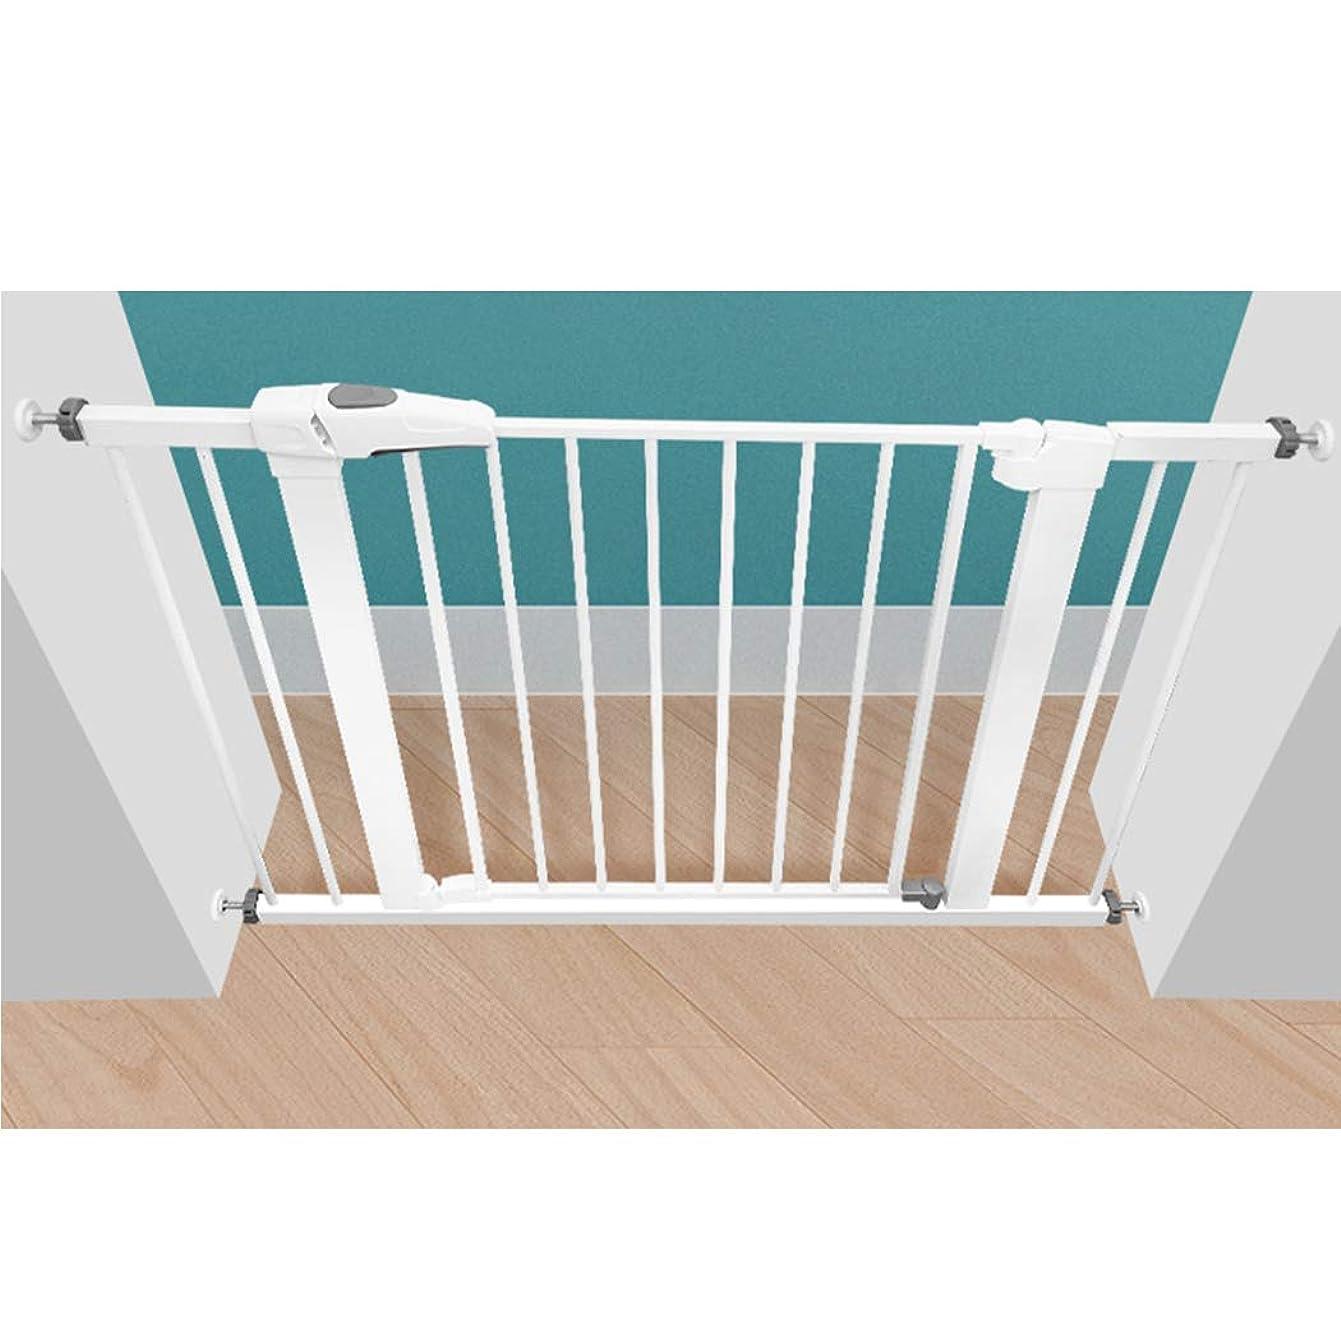 背景アルファベット順細胞ペット柵 安全フェンス フェンス 犬用バリア?ゲート 簡単設置 寝室/キッチン/階段/玄関/ベランダ 子供/犬/猫 壁に穴を開けず(Color:高さ76cm,Size:166-173CM)